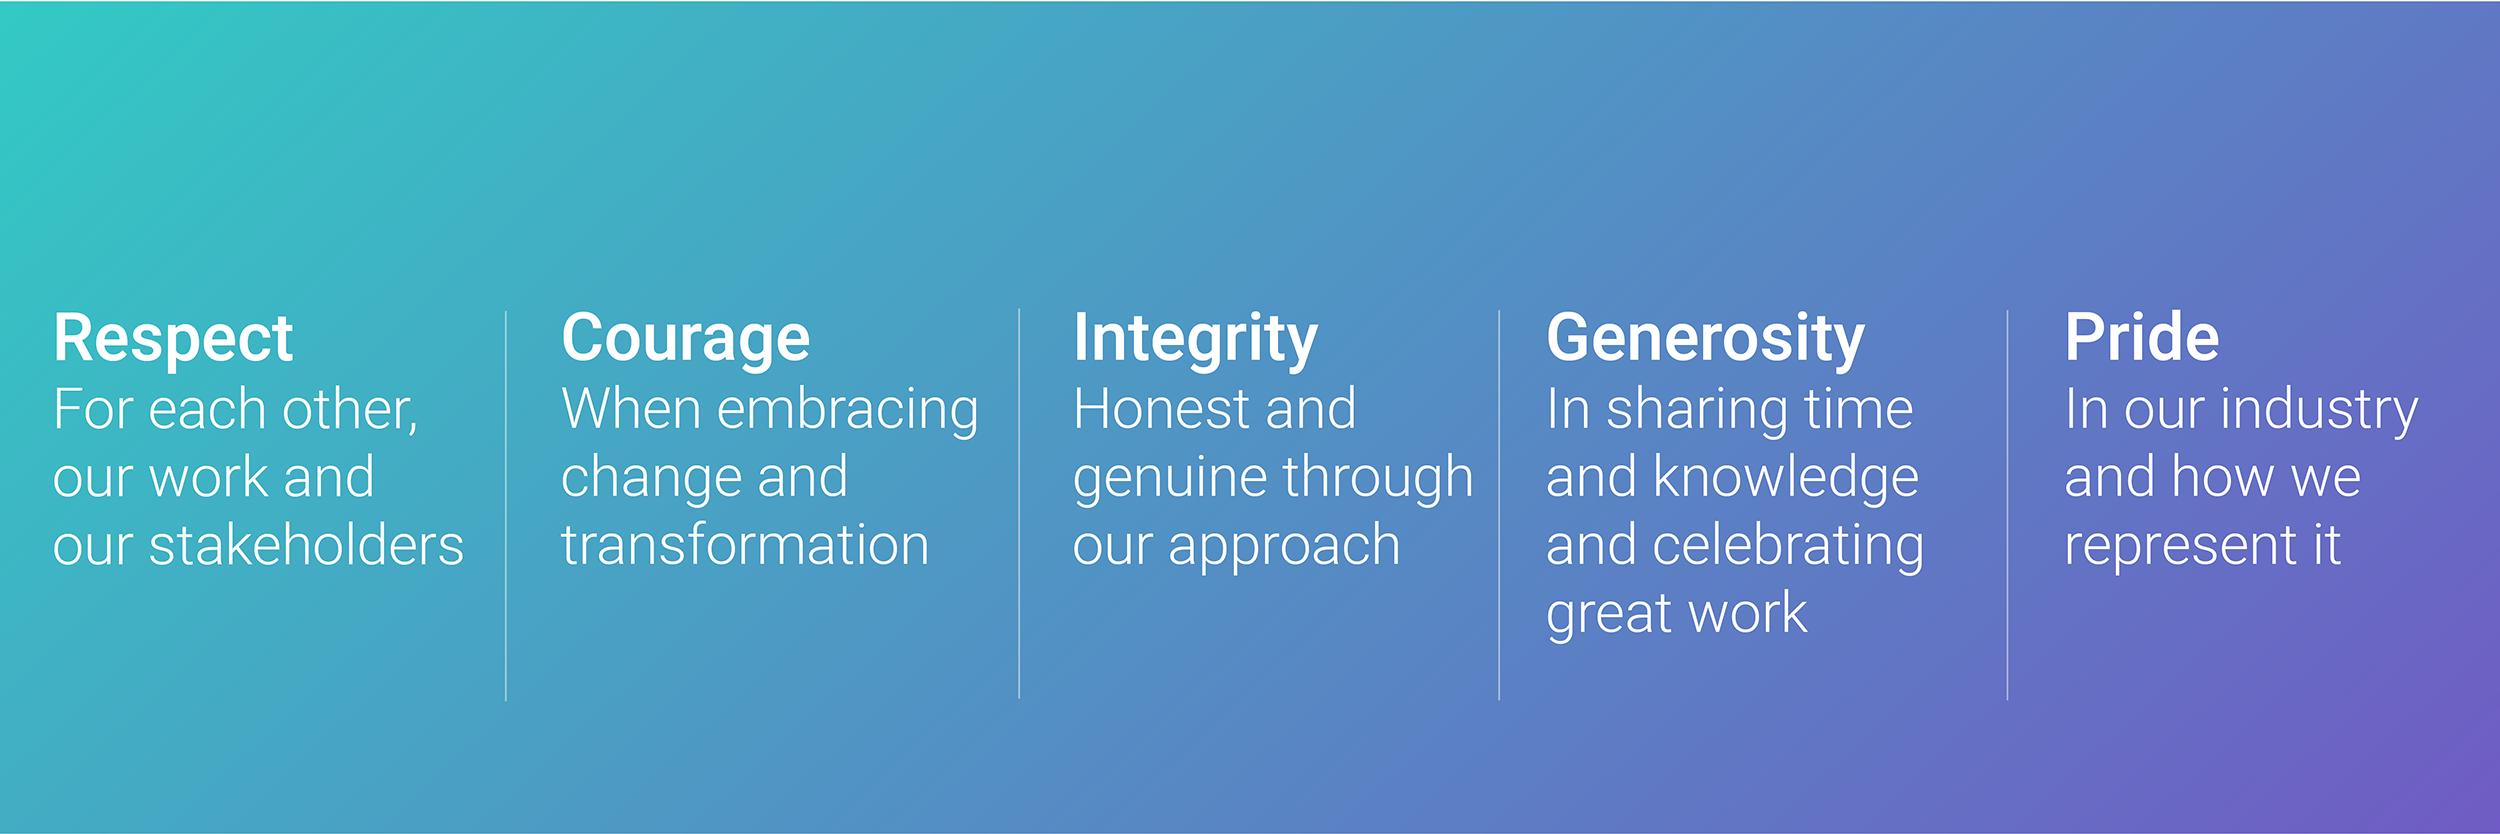 techUK的价值观